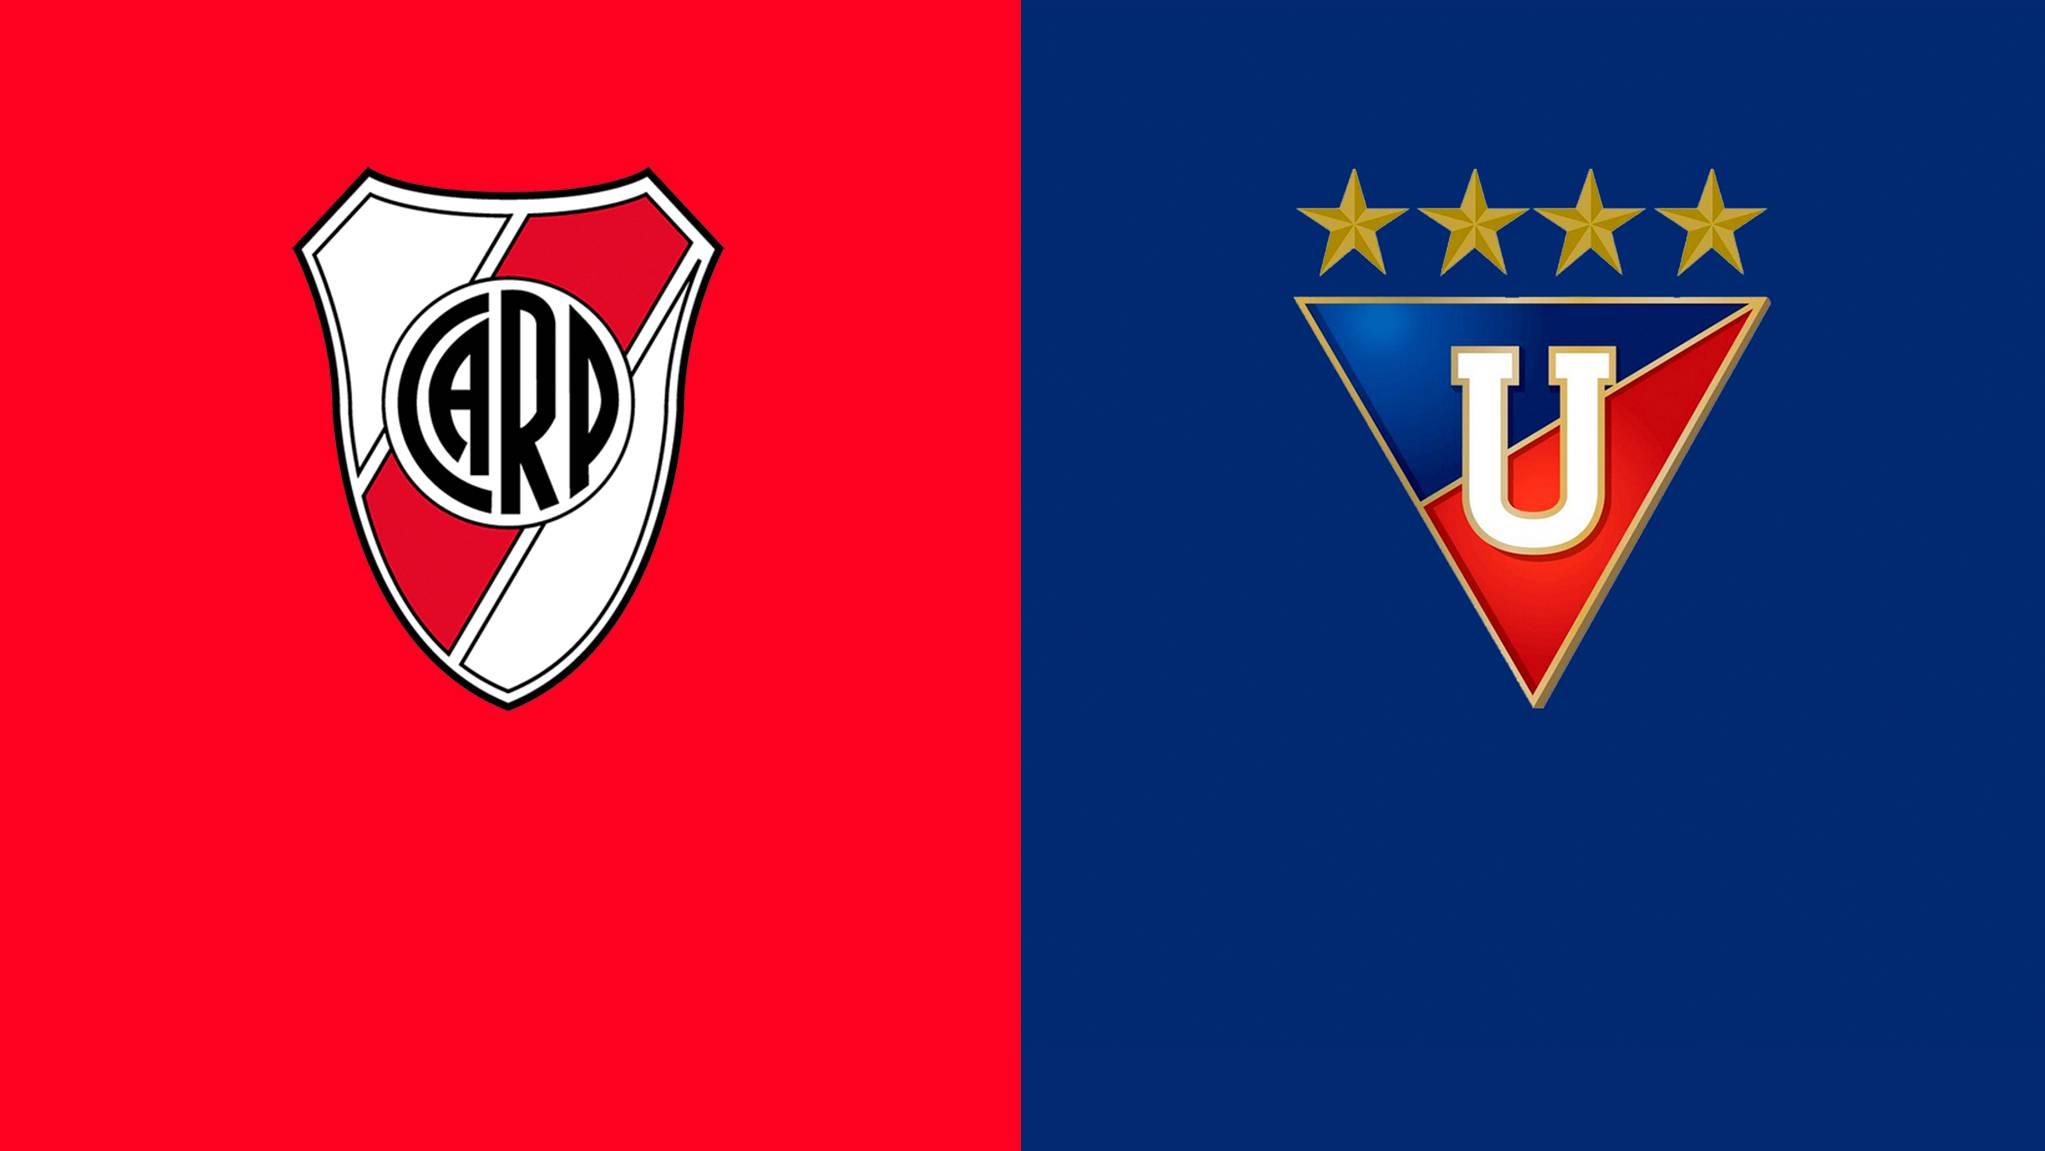 Ver River Plate - LDU Quito Online en Directo | Prueba gratis | DAZN ES